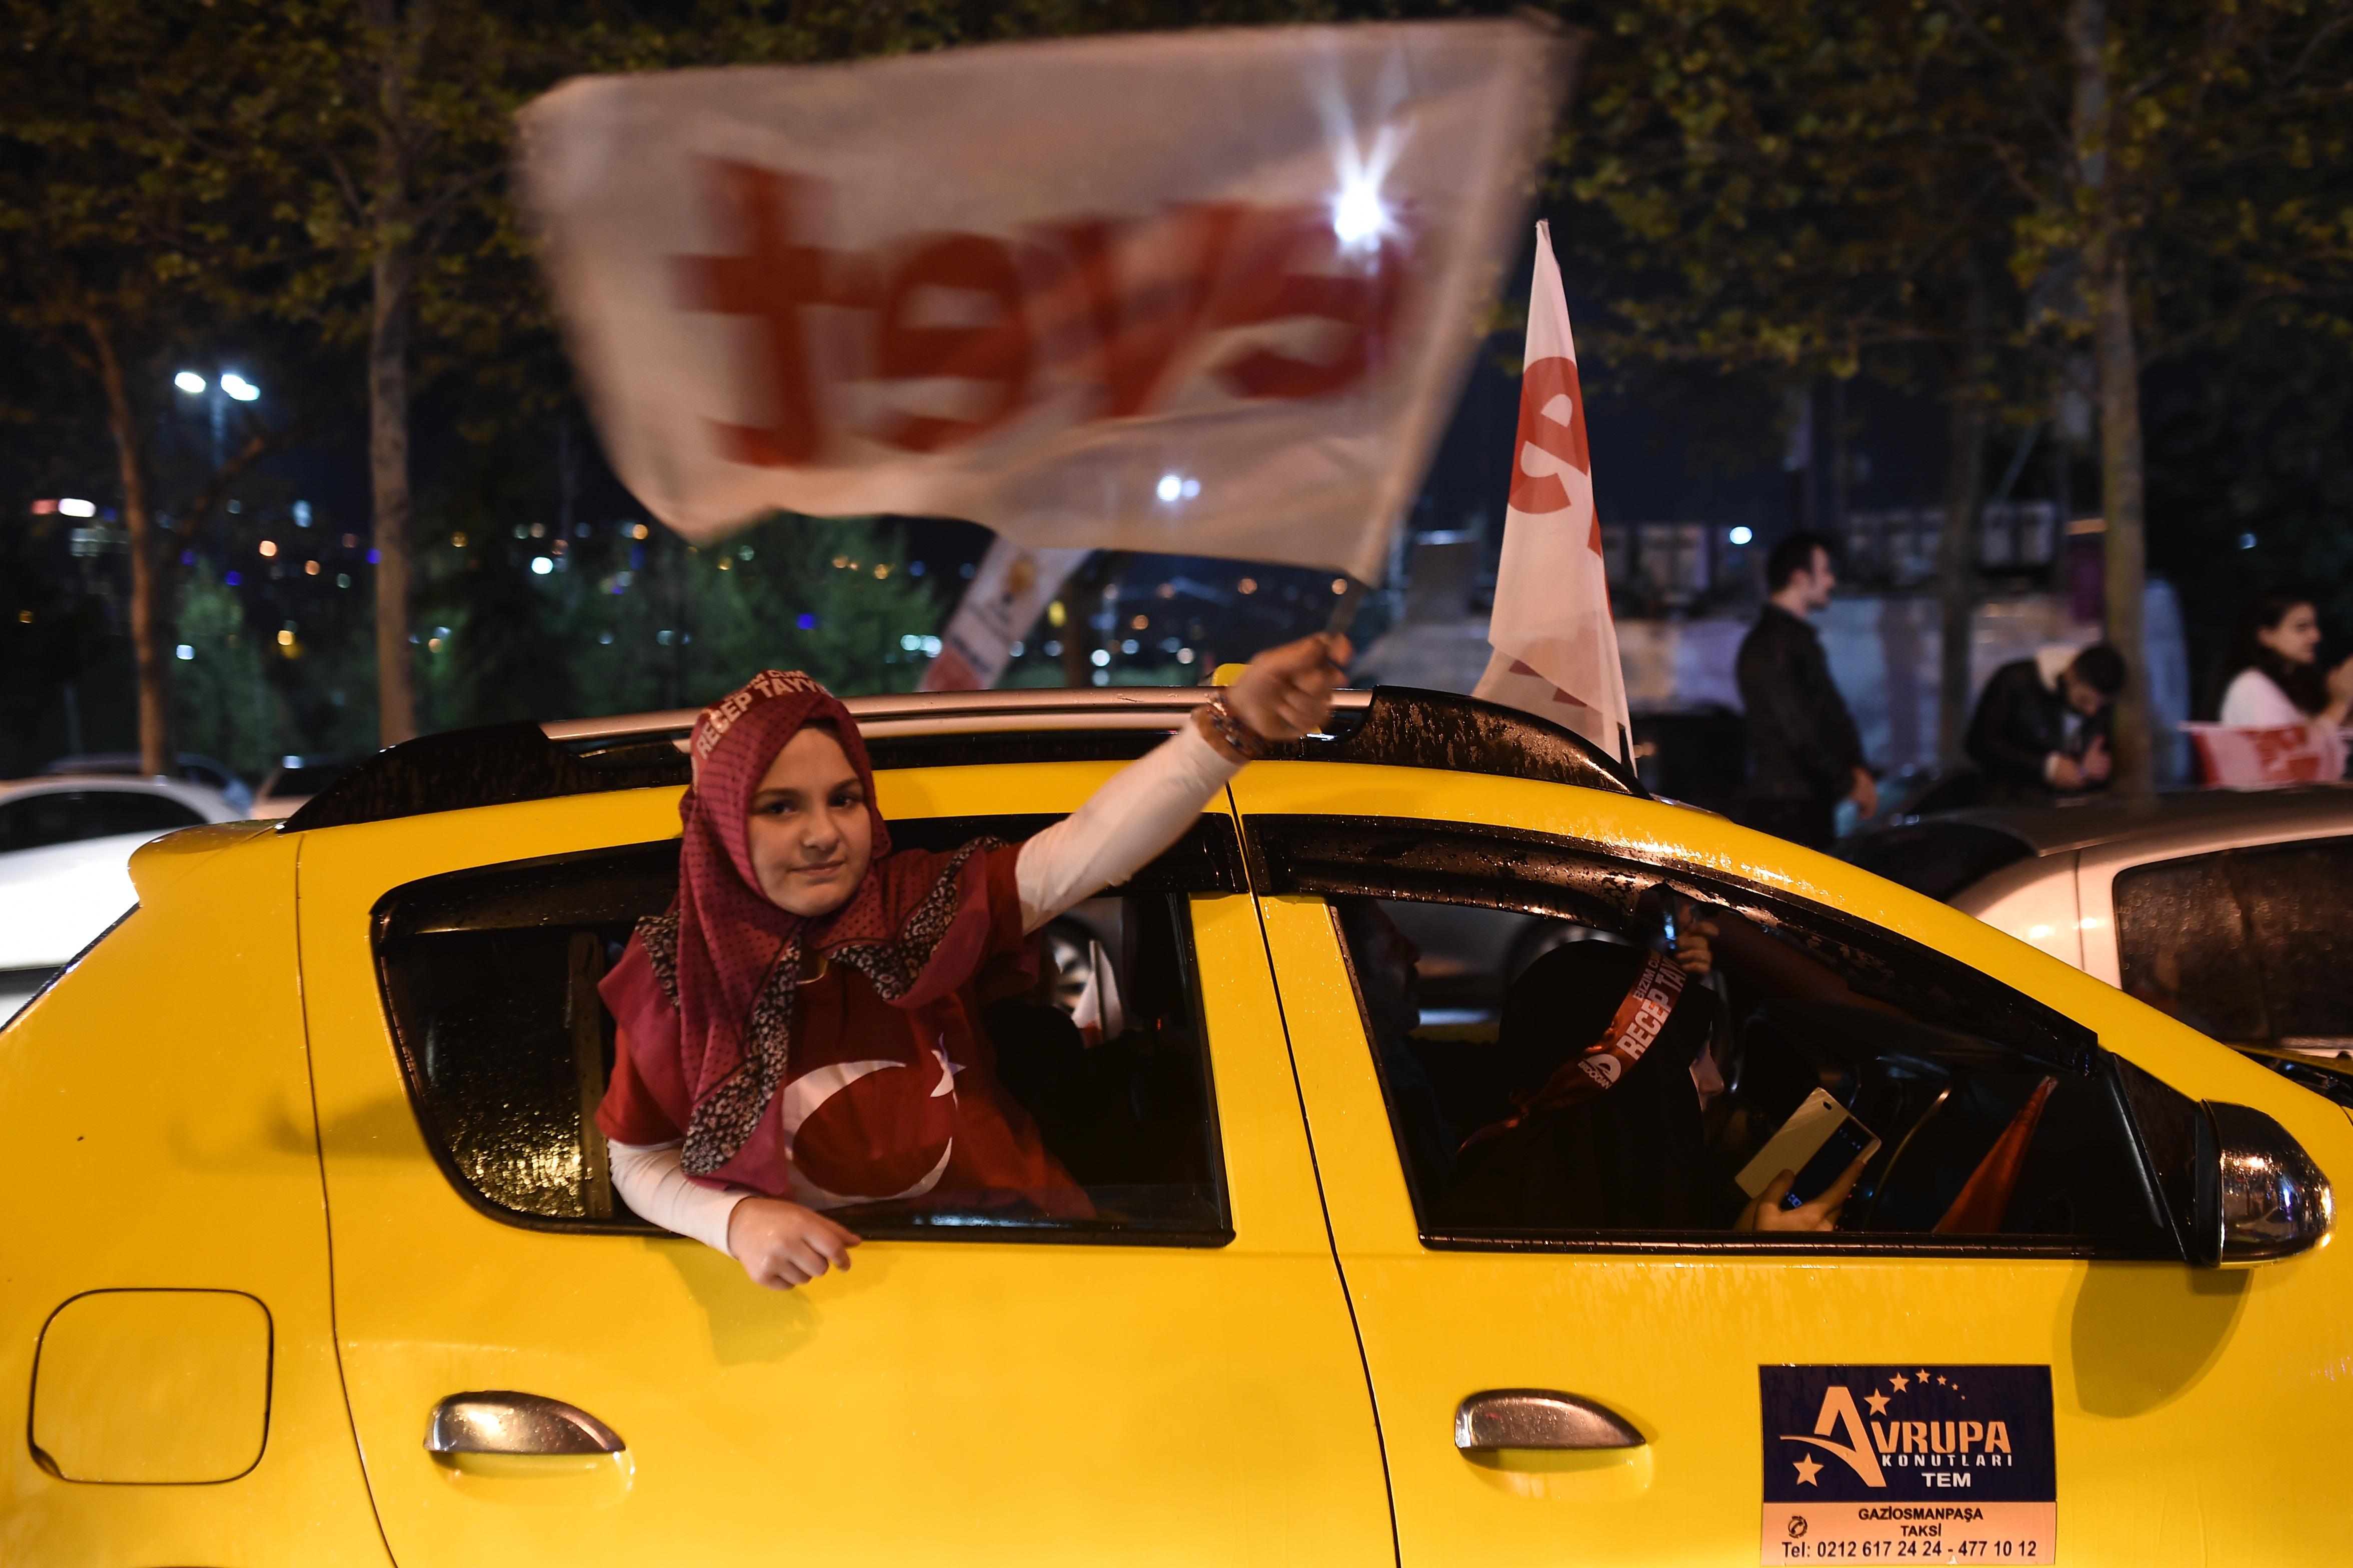 A török kormánypárt egy Uber-utánzat applikációval figyelné meg az állampolgárokat